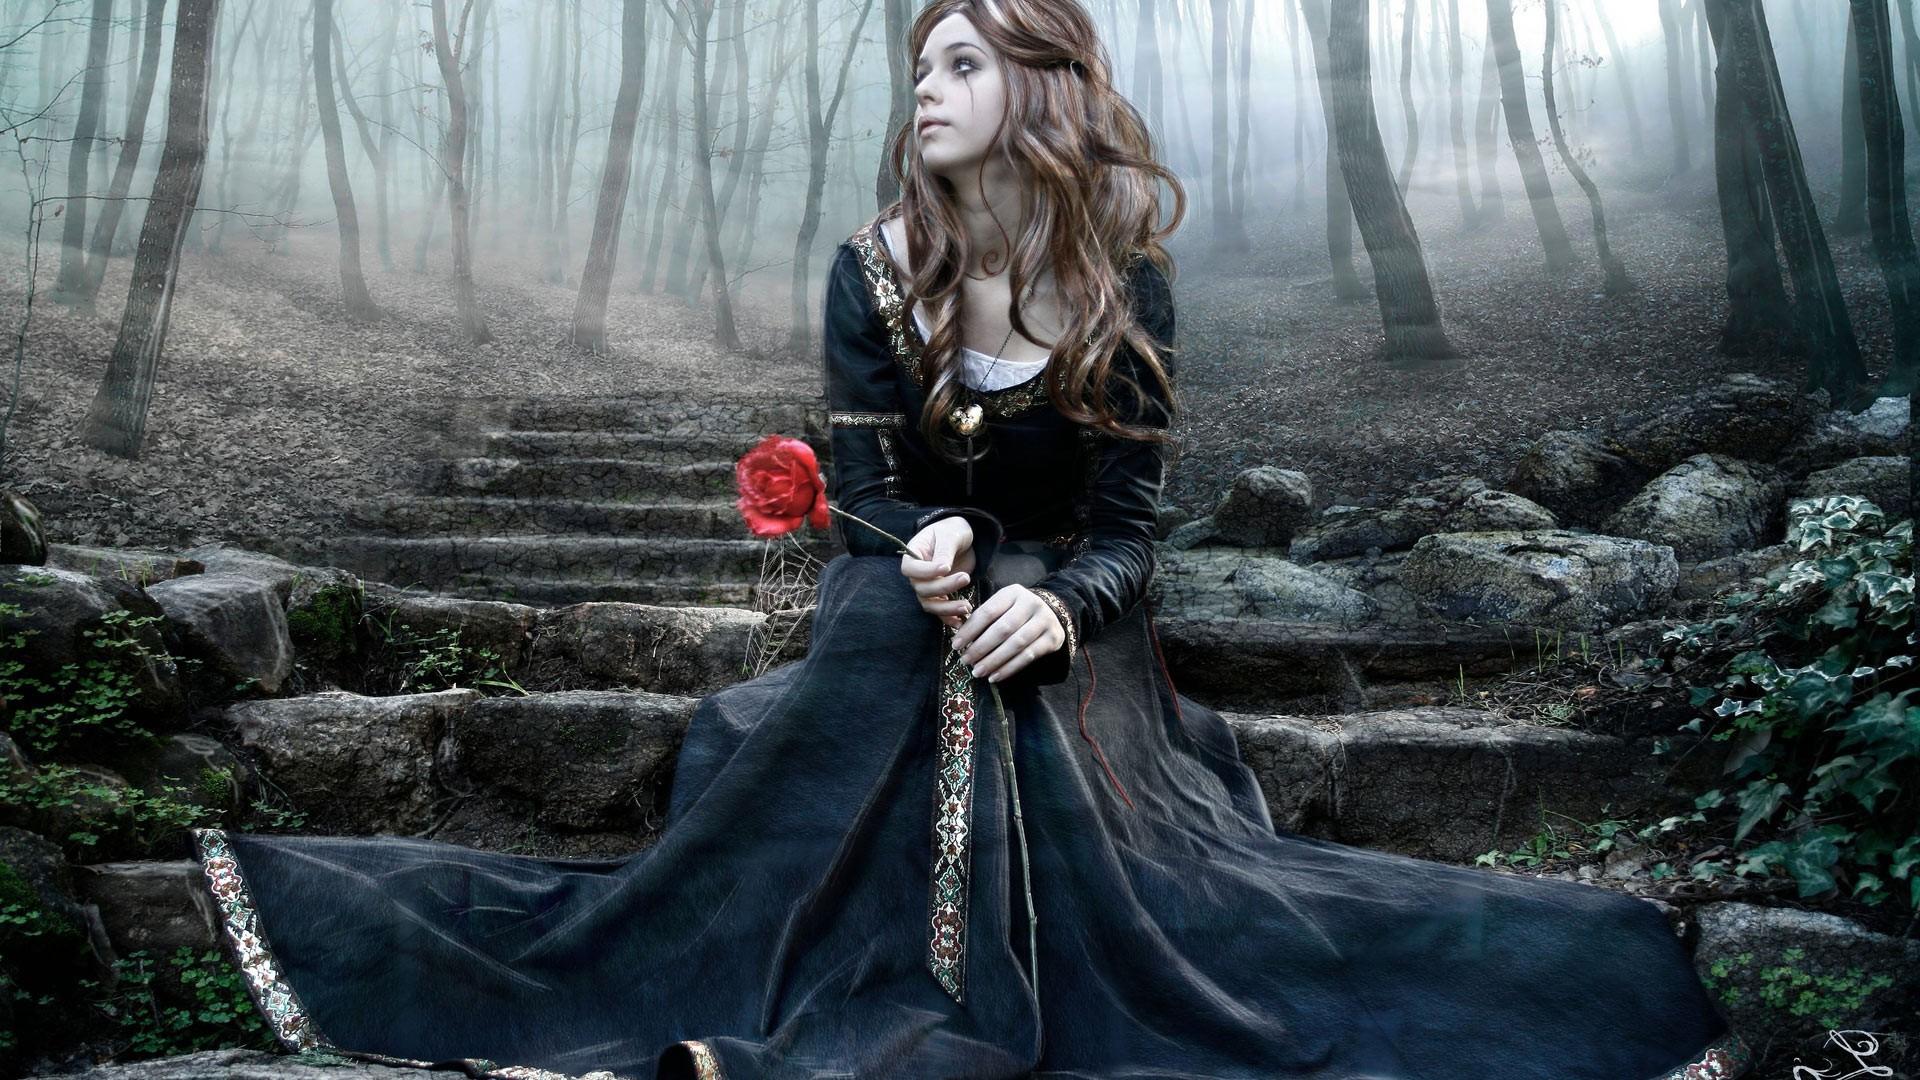 fantasy-fantasy-art-_252867-33